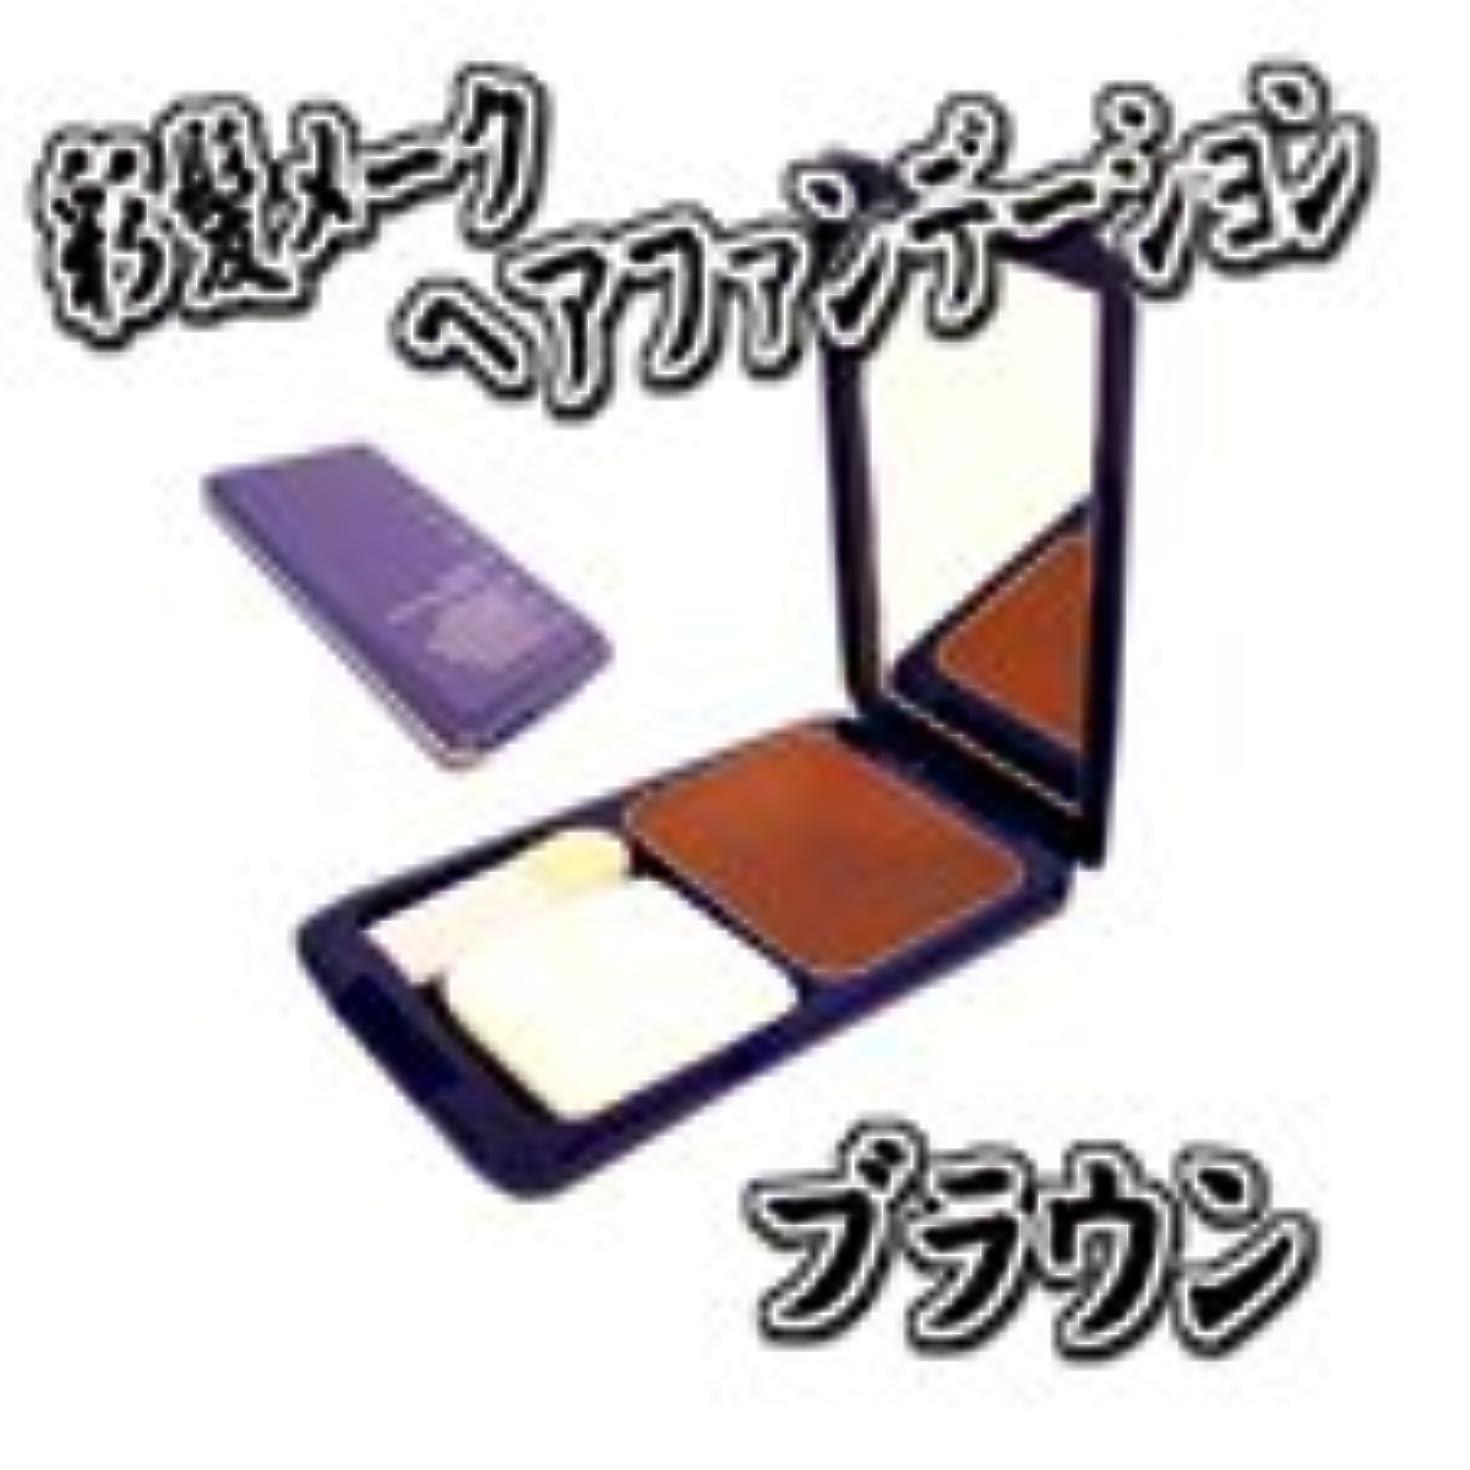 昼寝磁気ティッシュジュモン 彩髪メーク ファンデーション 【ブラウン】 白髪隠し コンパクトタイプ